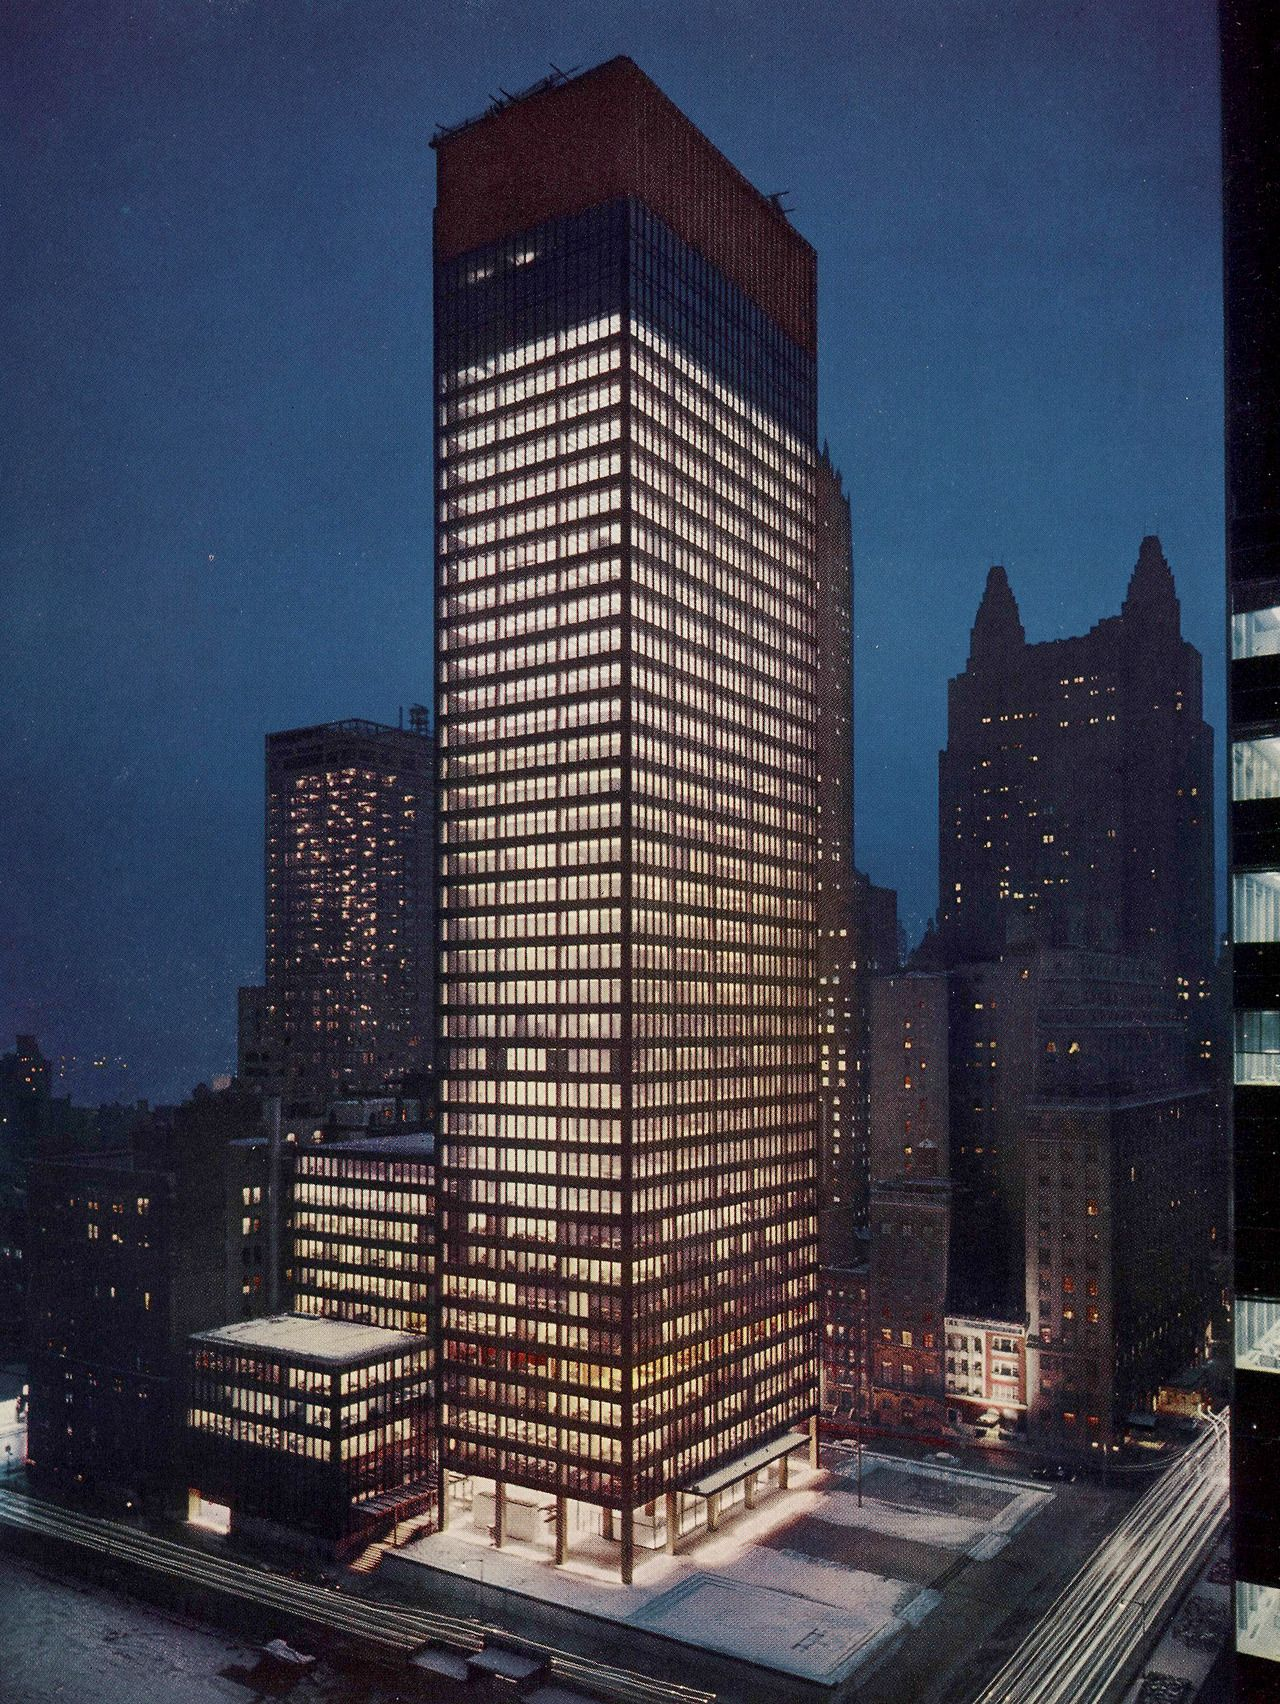 Mies van der Rohe, Seagram Building, 375 Park Avenue, New